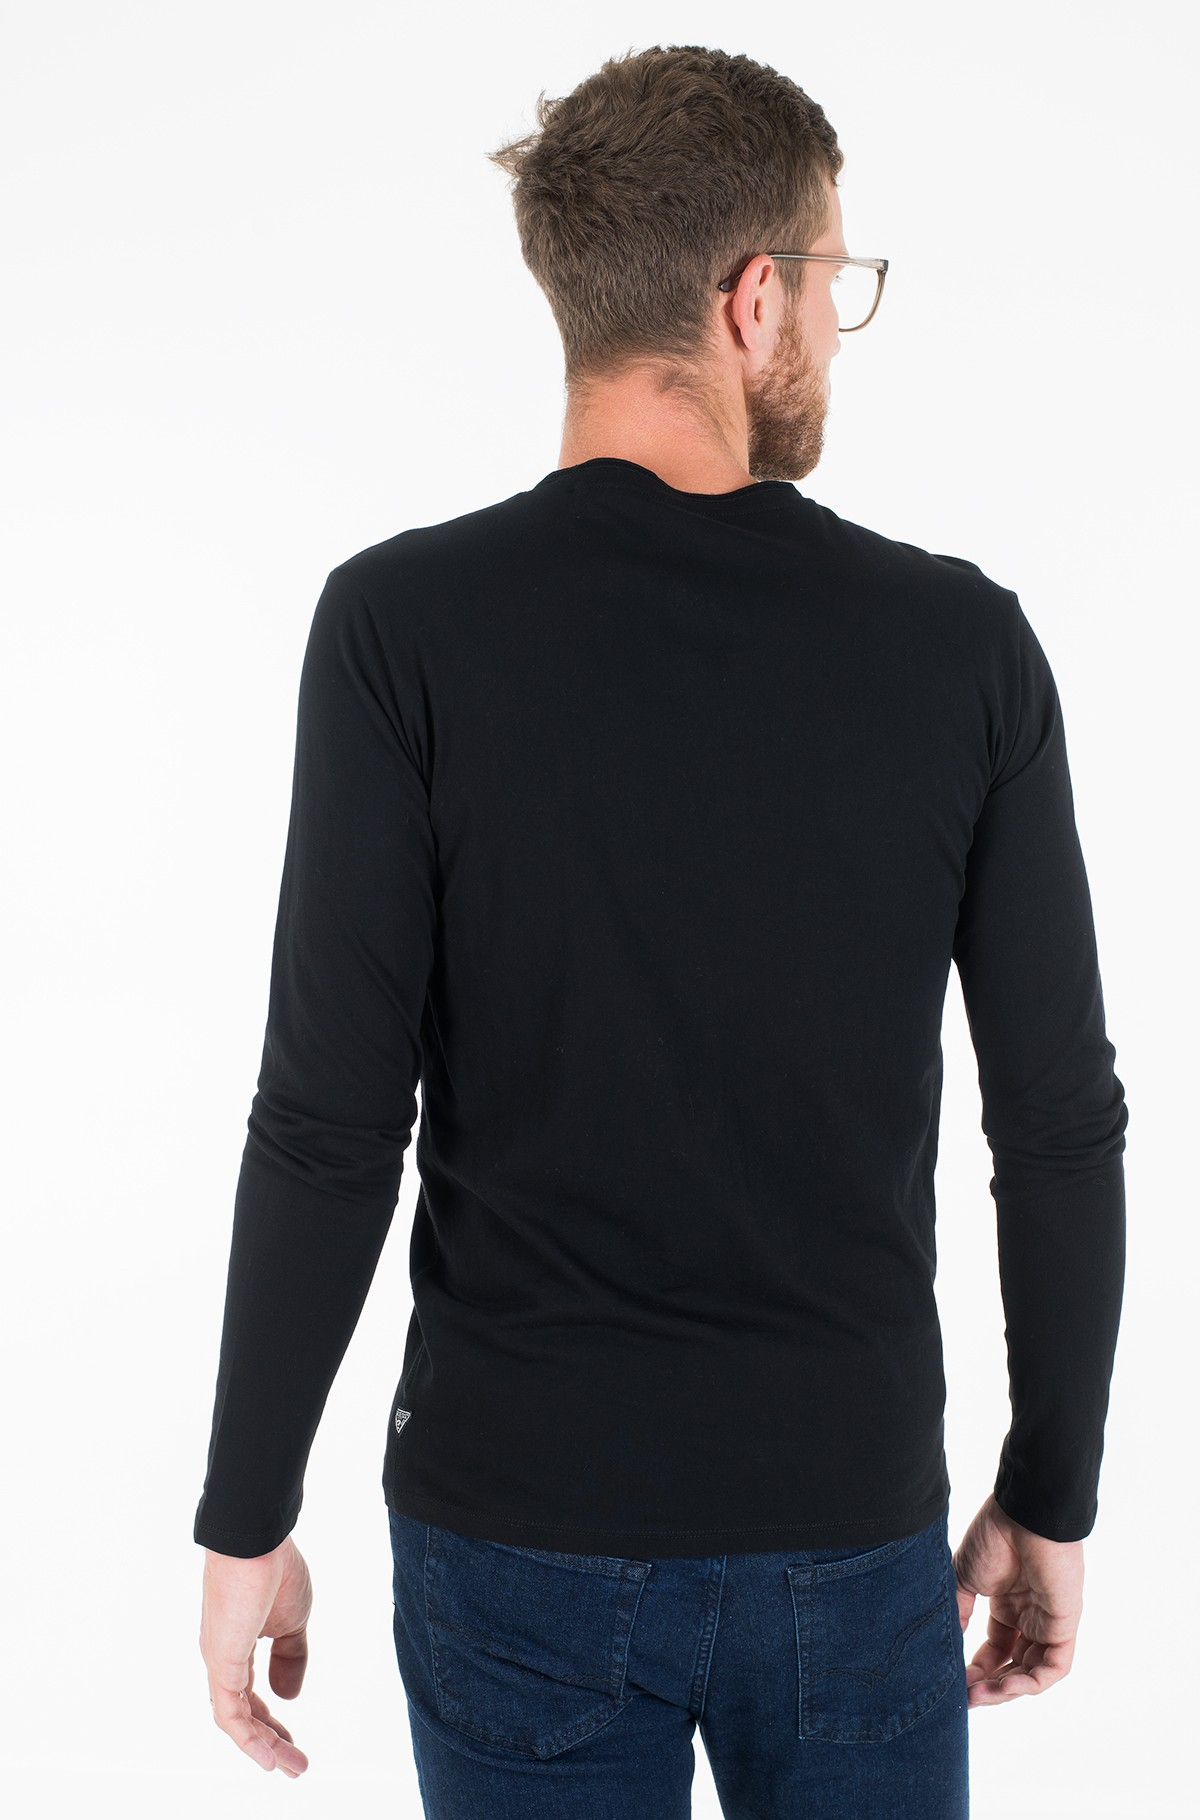 T-krekls ar garām piedurknēm  M01I58 K9H10-full-3